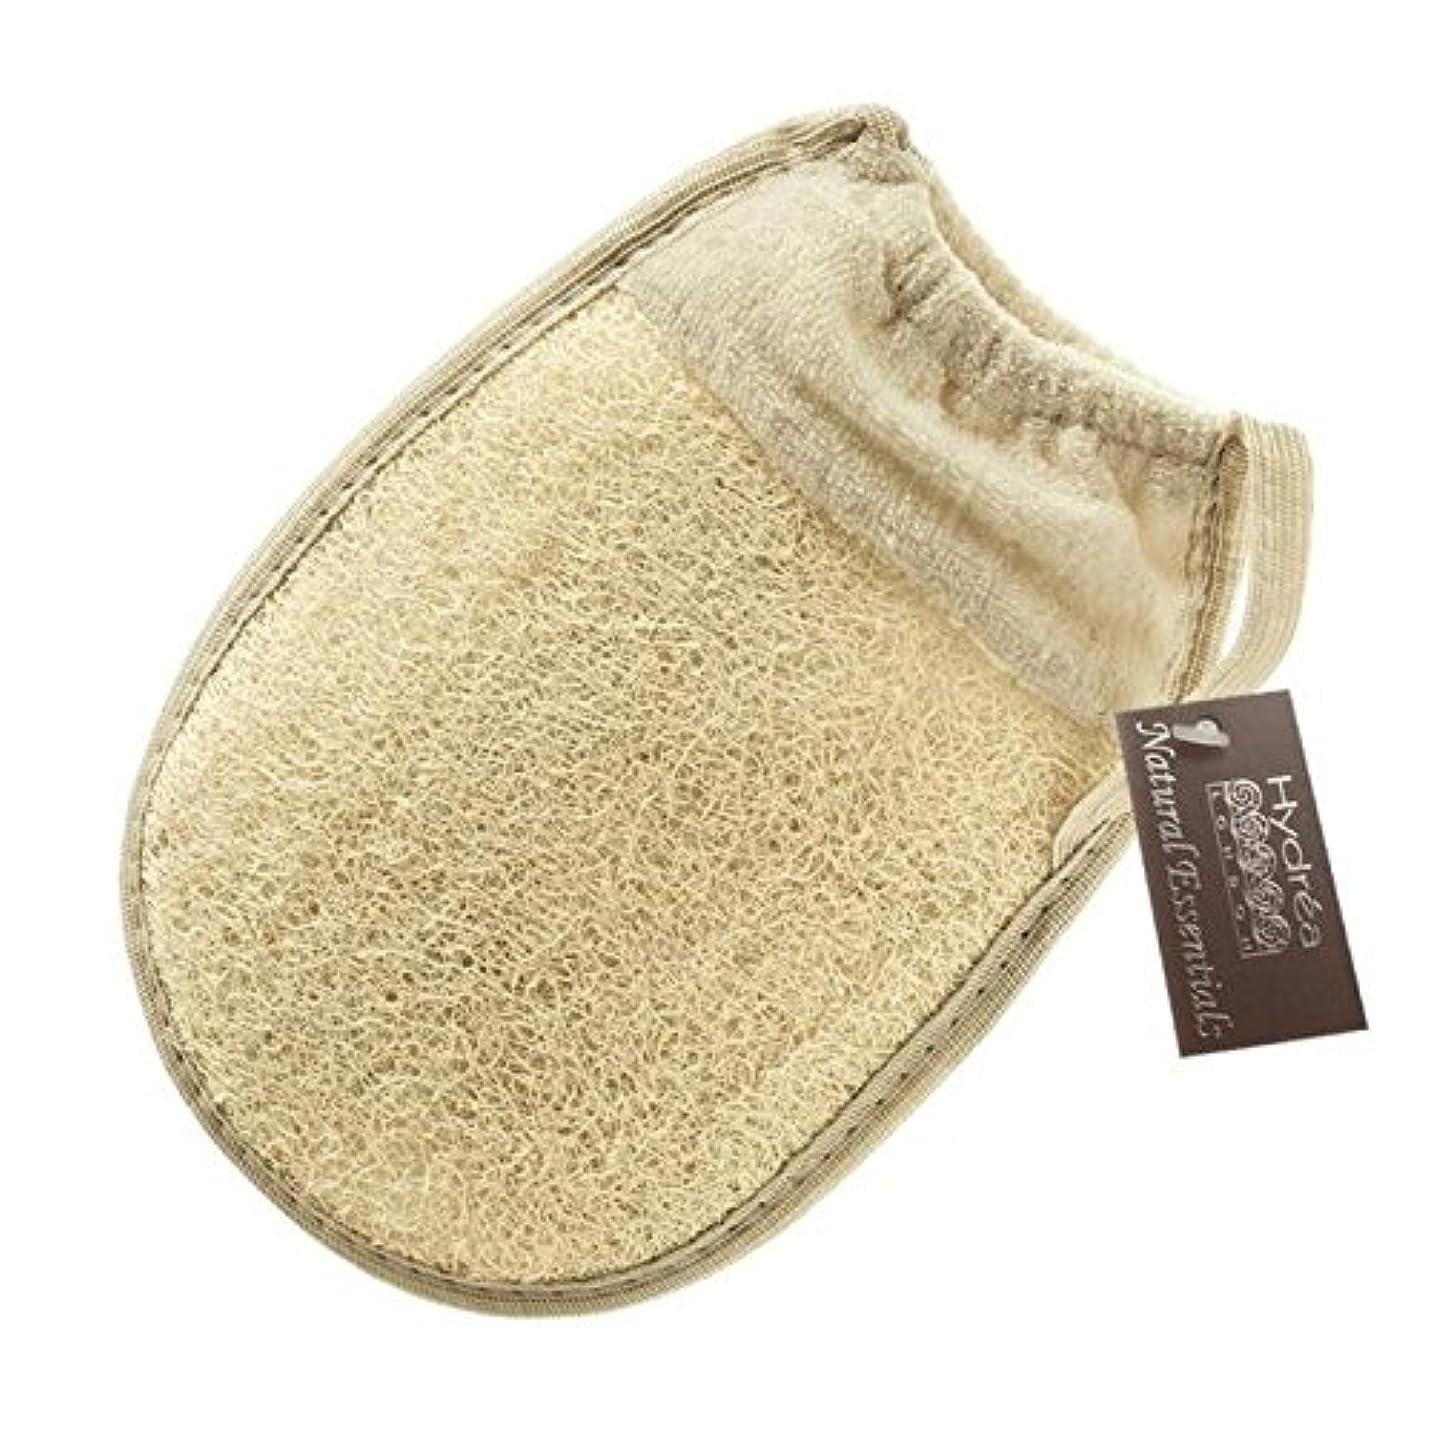 定義ファーザーファージュ民間Hydrea London Egyptian Loofah Glove with Elasticated Cuff - 伸縮性カフとハイドレアロンドンエジプトのヘチマグローブ [並行輸入品]